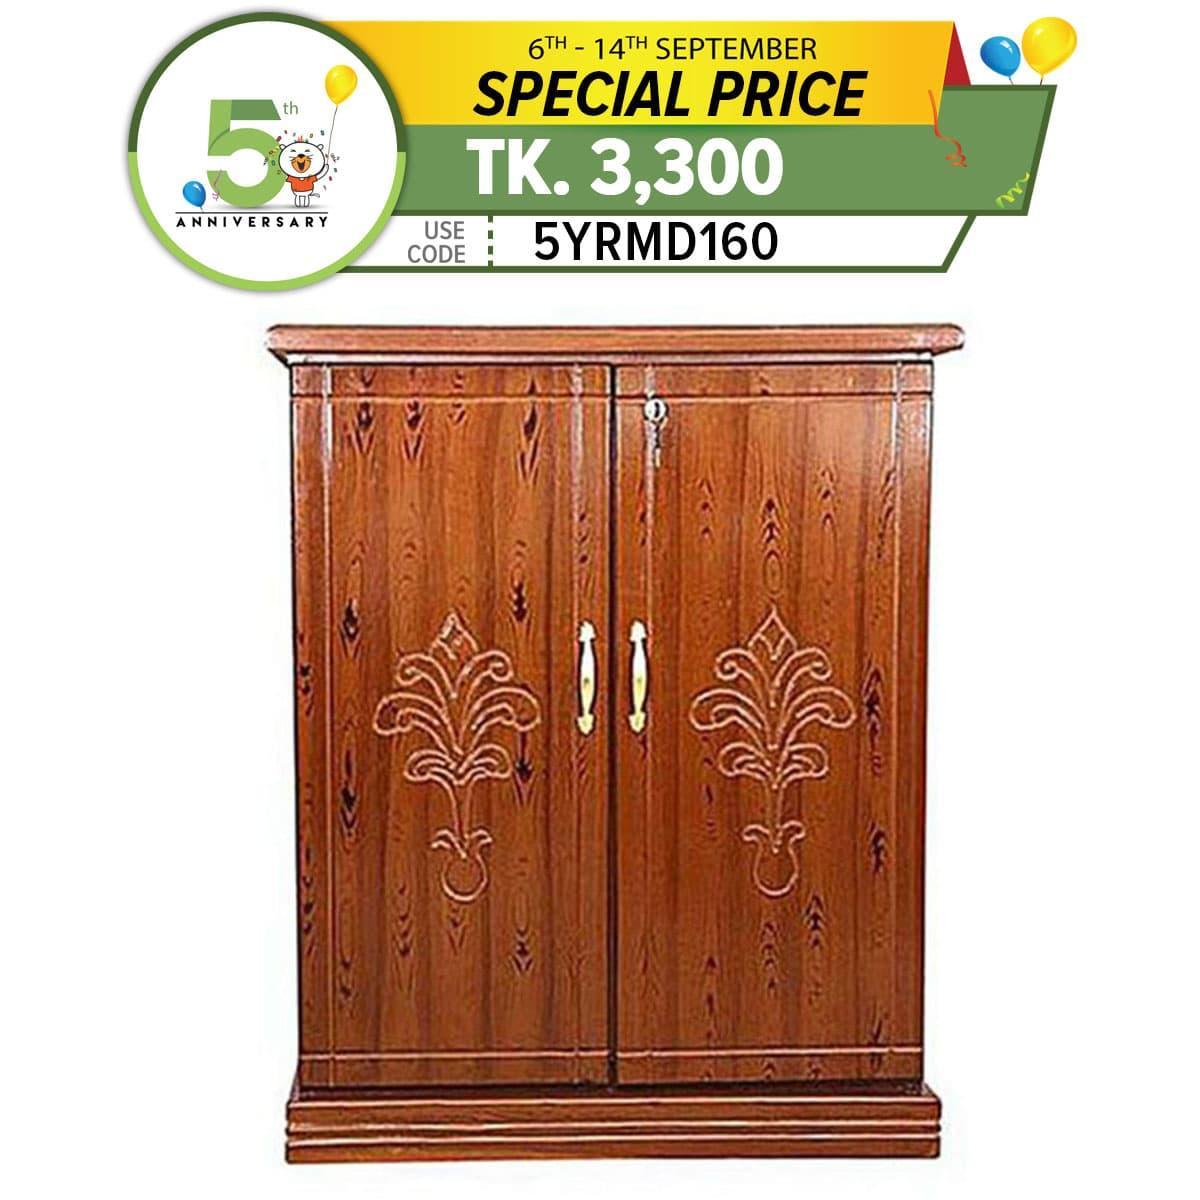 Furniture Price In Bangladesh - Buy Furniture Online - Daraz